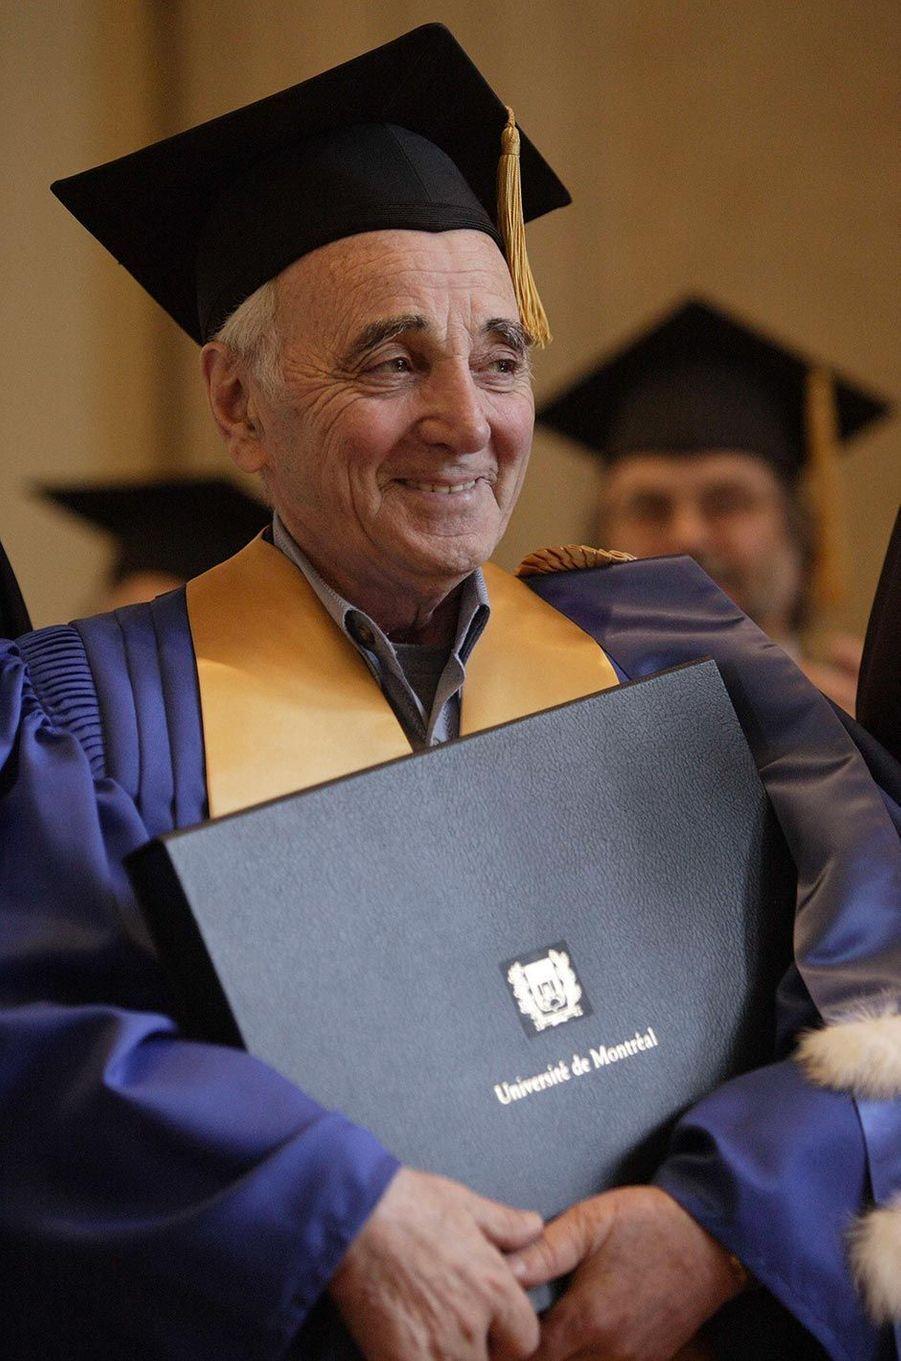 Charles Aznavour à l'Université de Montréal, en août 2009.